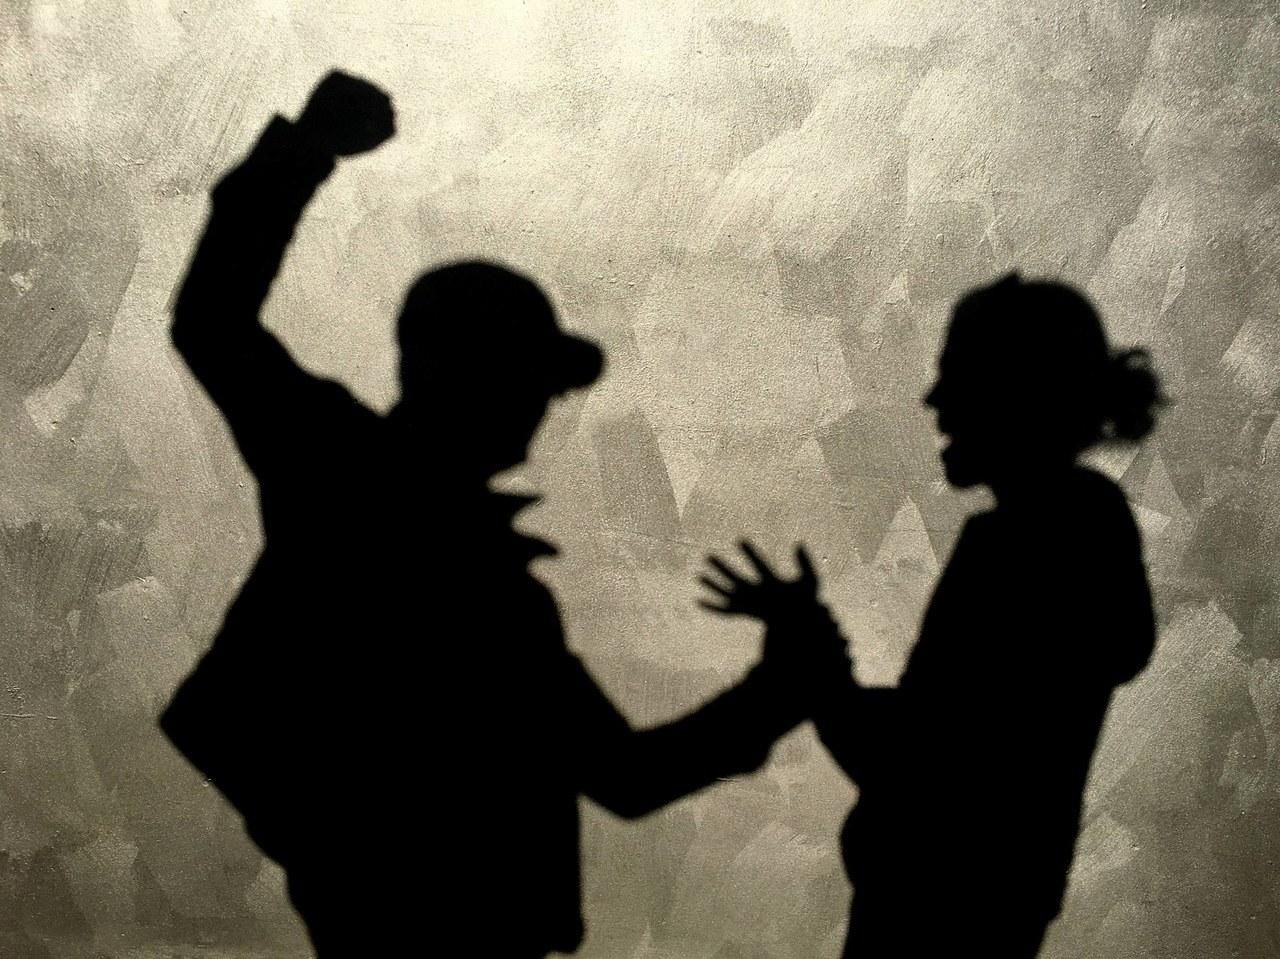 Resort rodziny o kontrowersyjnym projekcie dot. przemocy: Zawsze jesteśmy po stronie słabszych